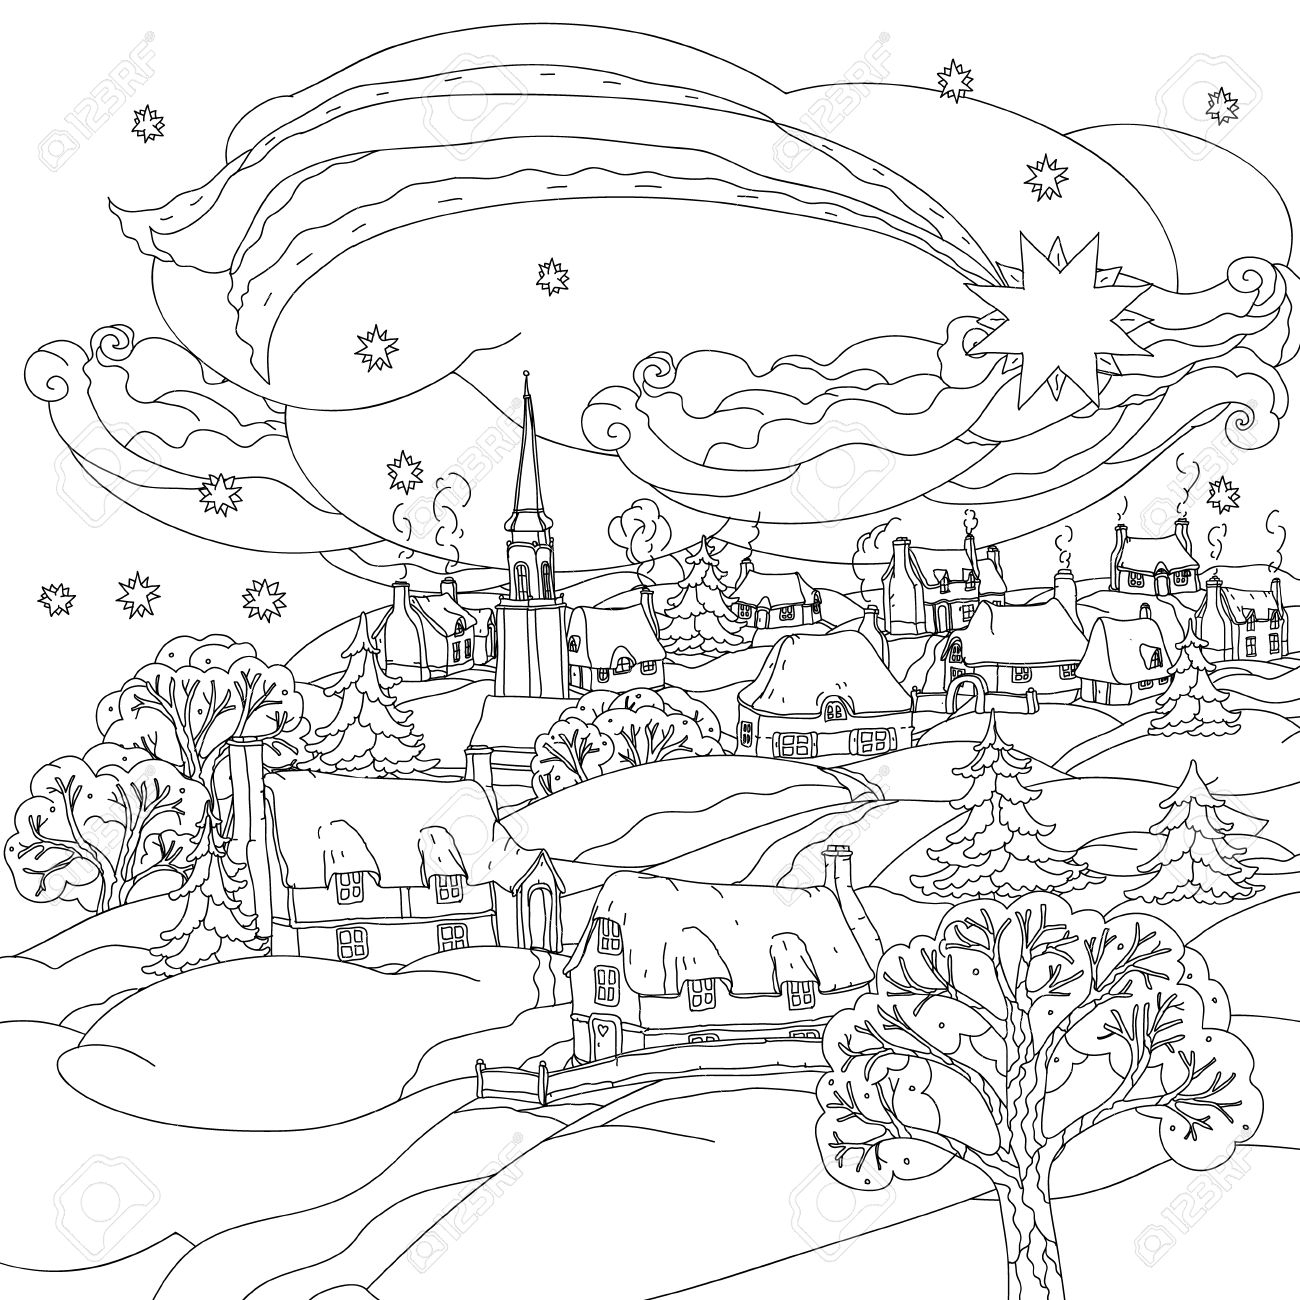 Toile De Noël Survole Le Village D'hiver, Noir Et Blanc. Zentangle Patters.  Le Meilleur Pour Votre Design, Textiles, Affiches, Cahier De Coloriage pour Coloriage Village De Noel